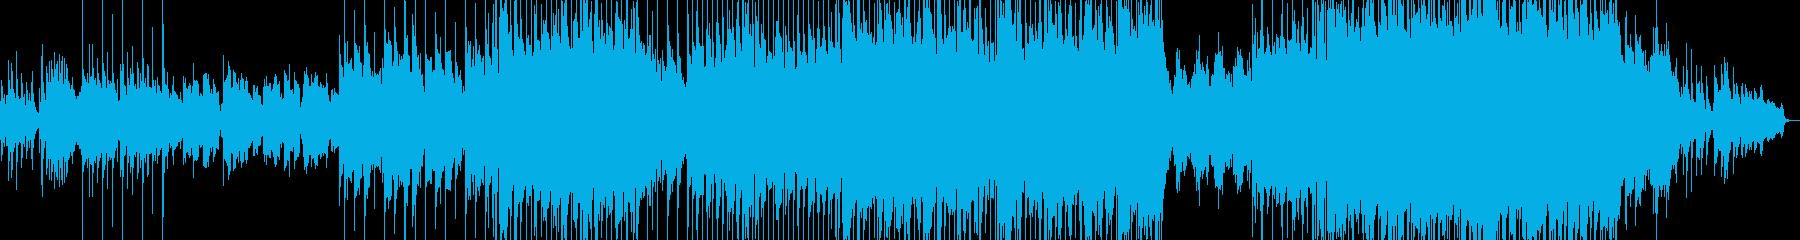 フォーク風の切ない雰囲気のバラードの再生済みの波形